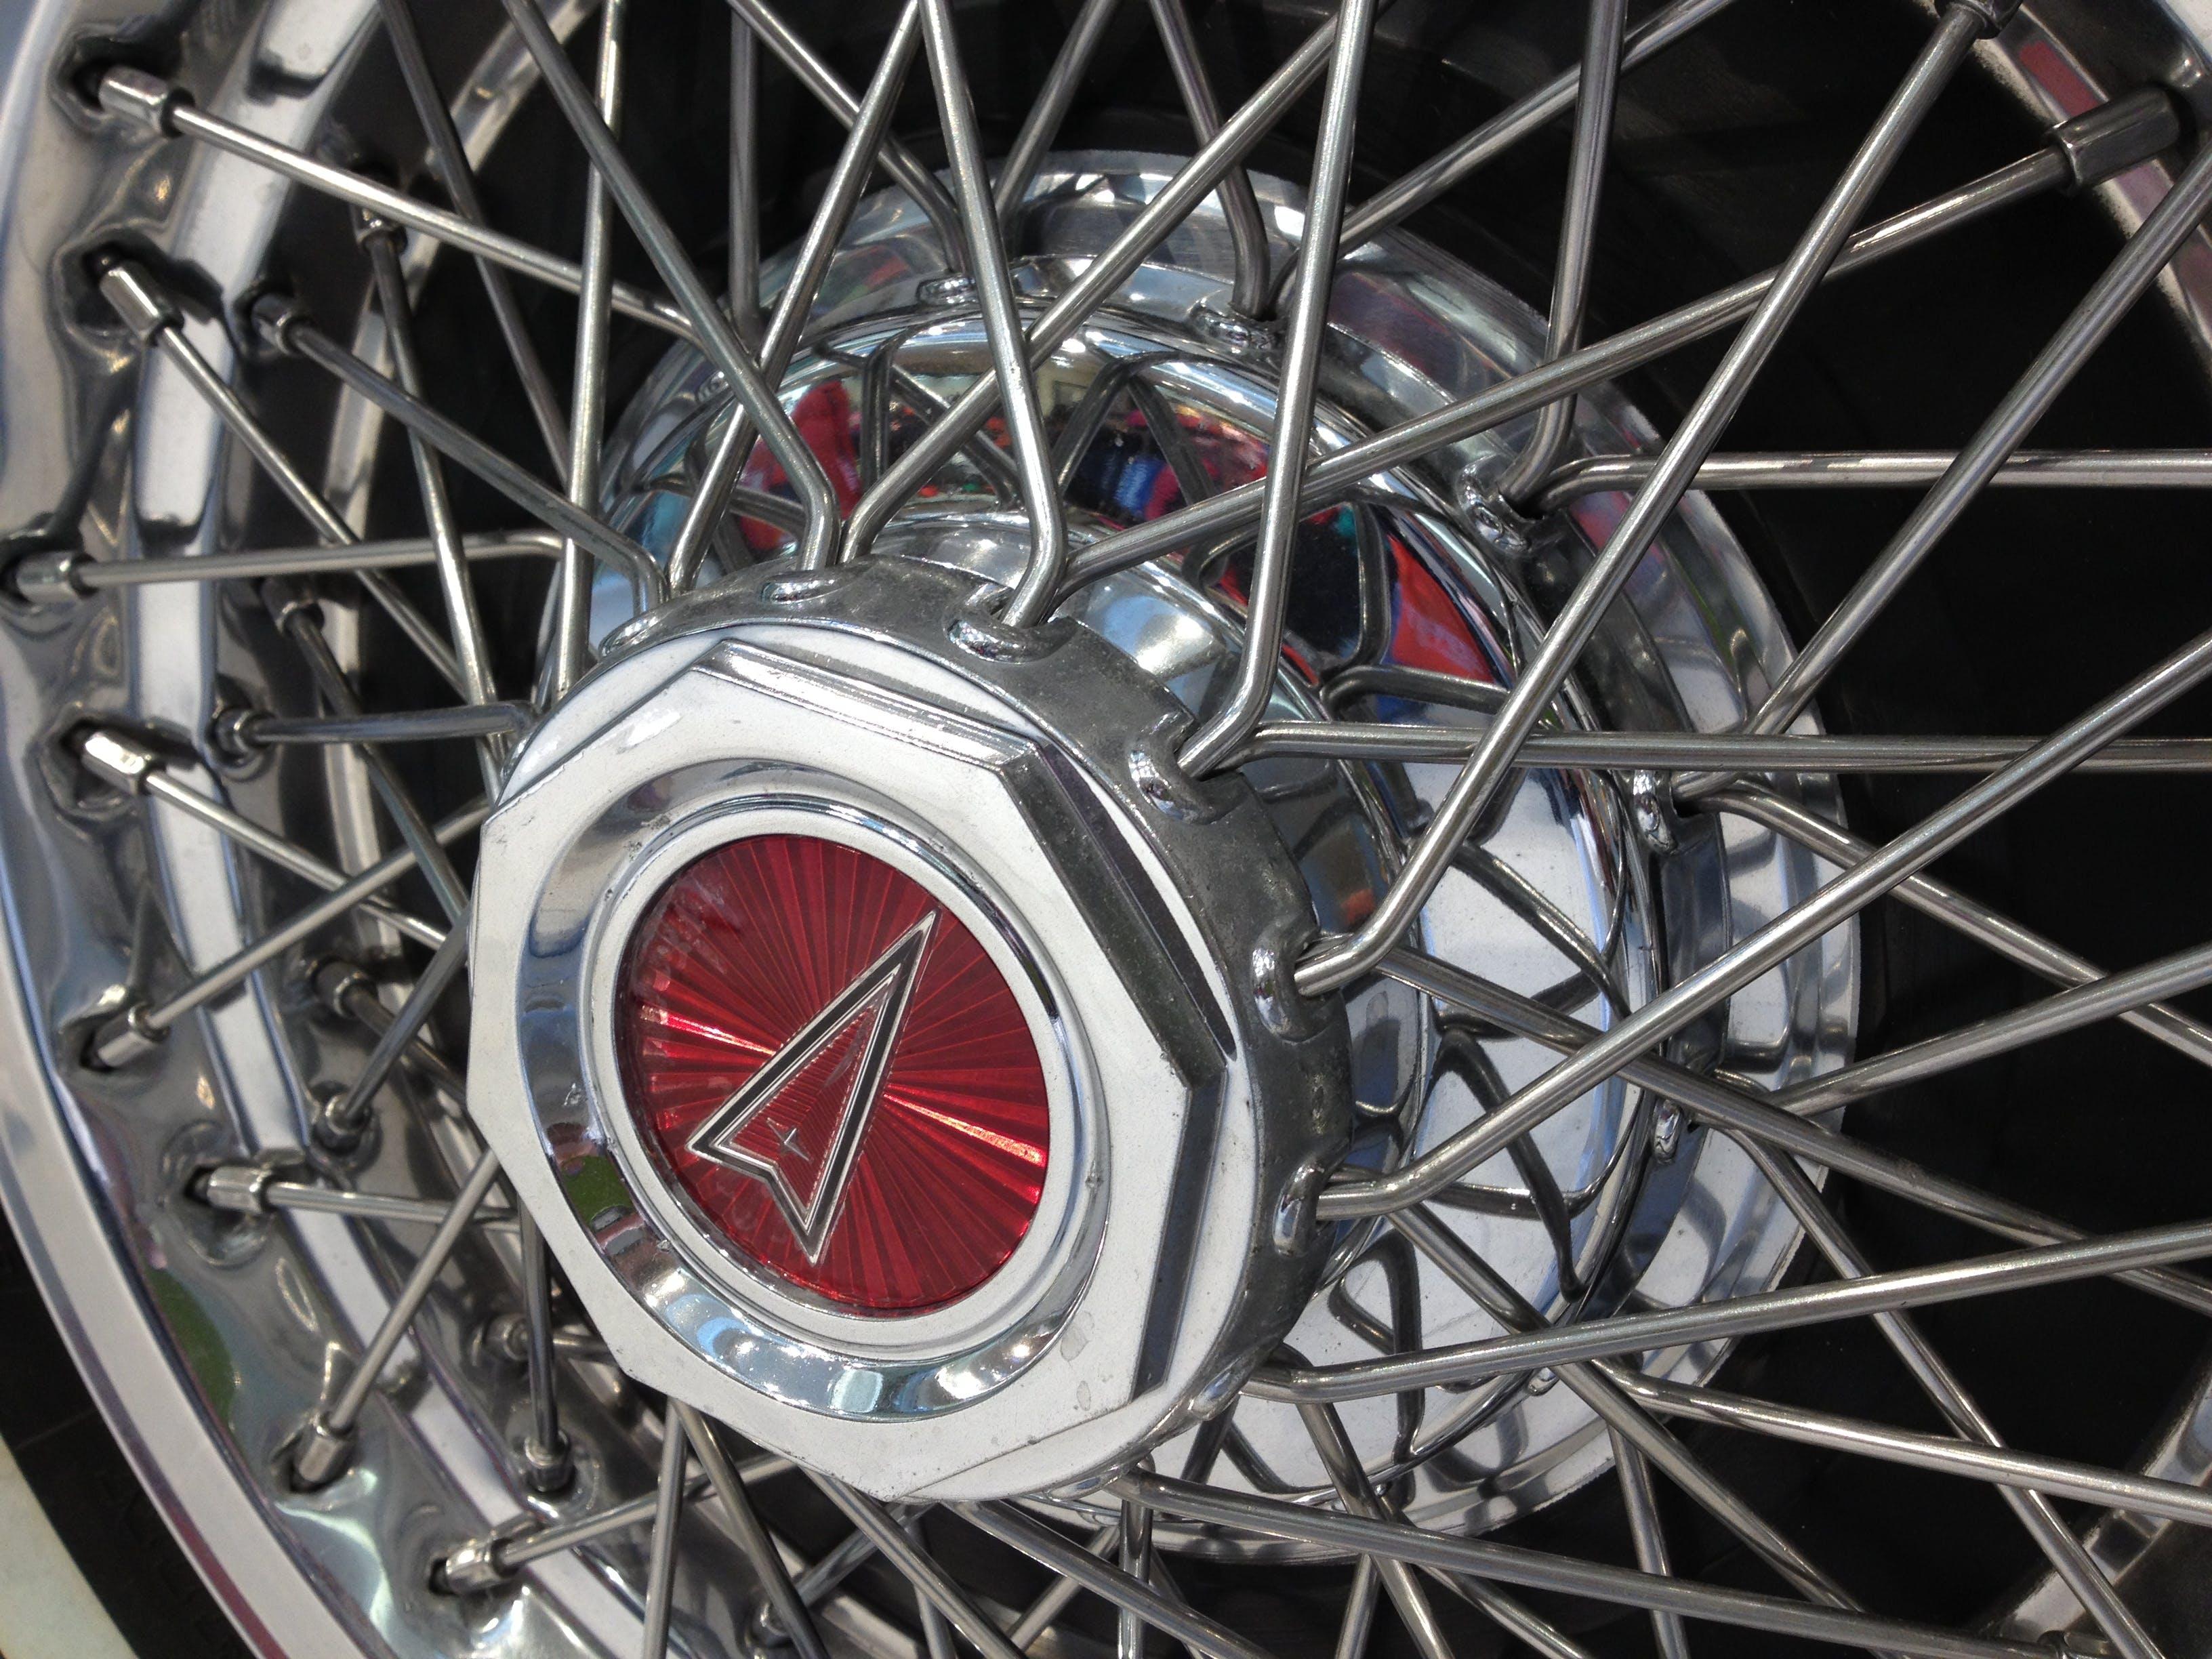 Free stock photo of spokes, wheel